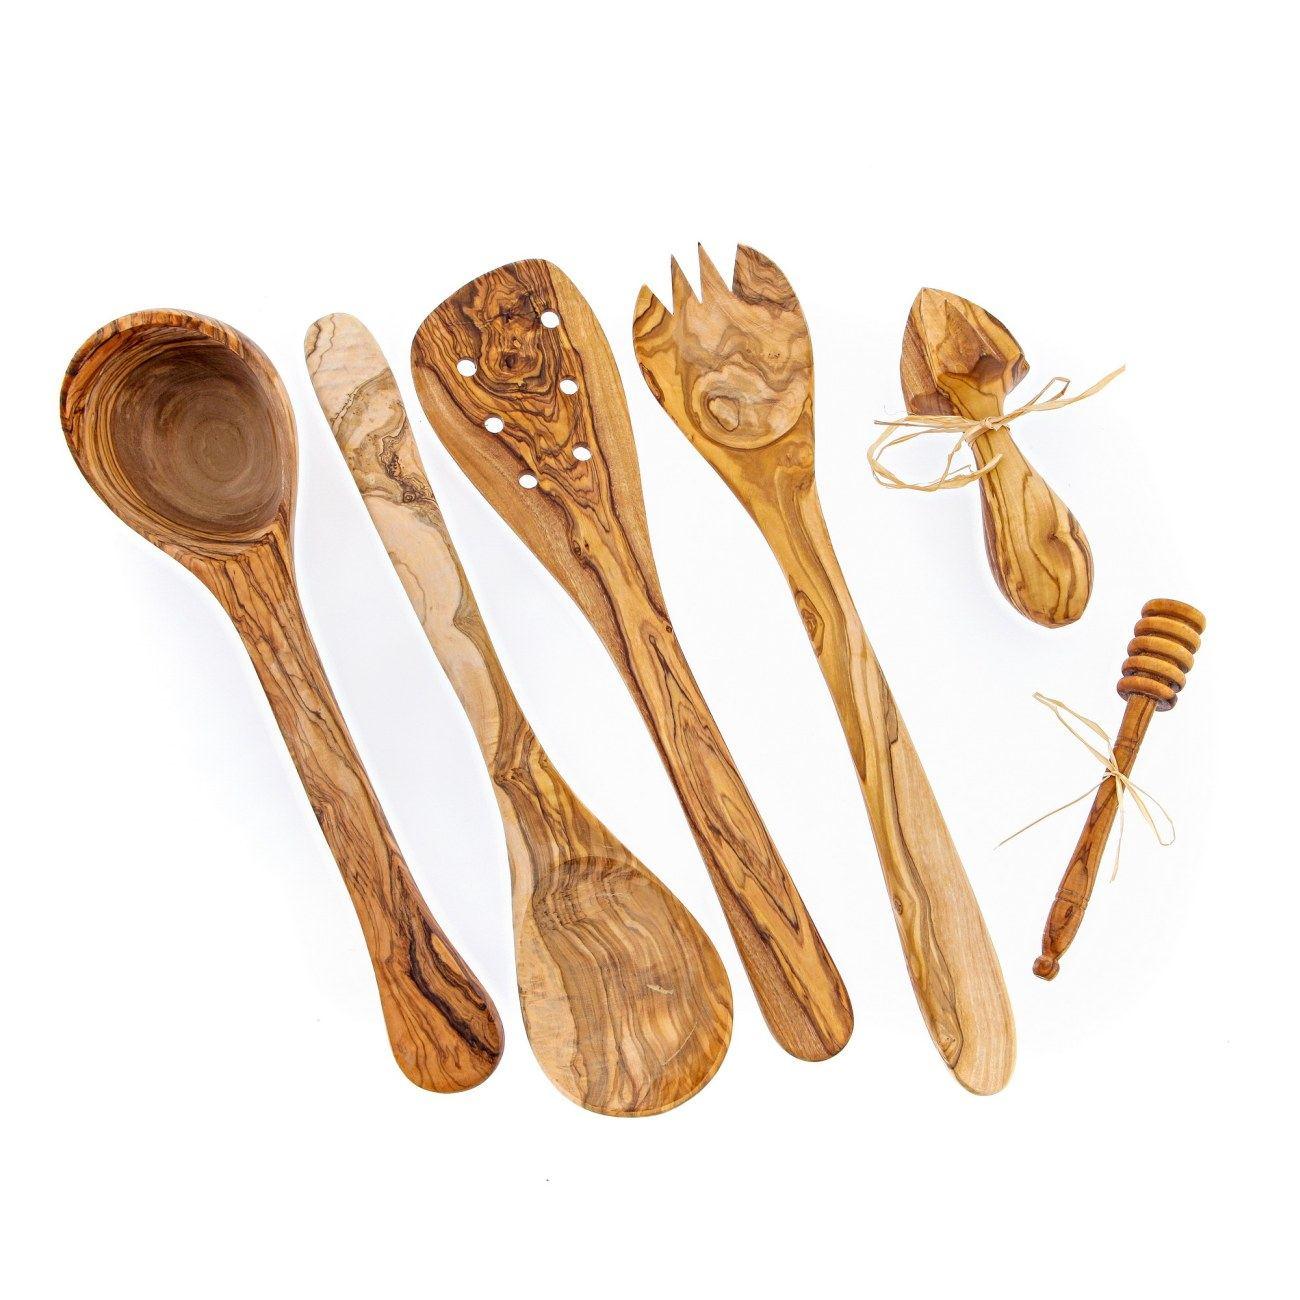 Wonderful Olive Wood Kitchen Utensils #7 - Elite Crafters